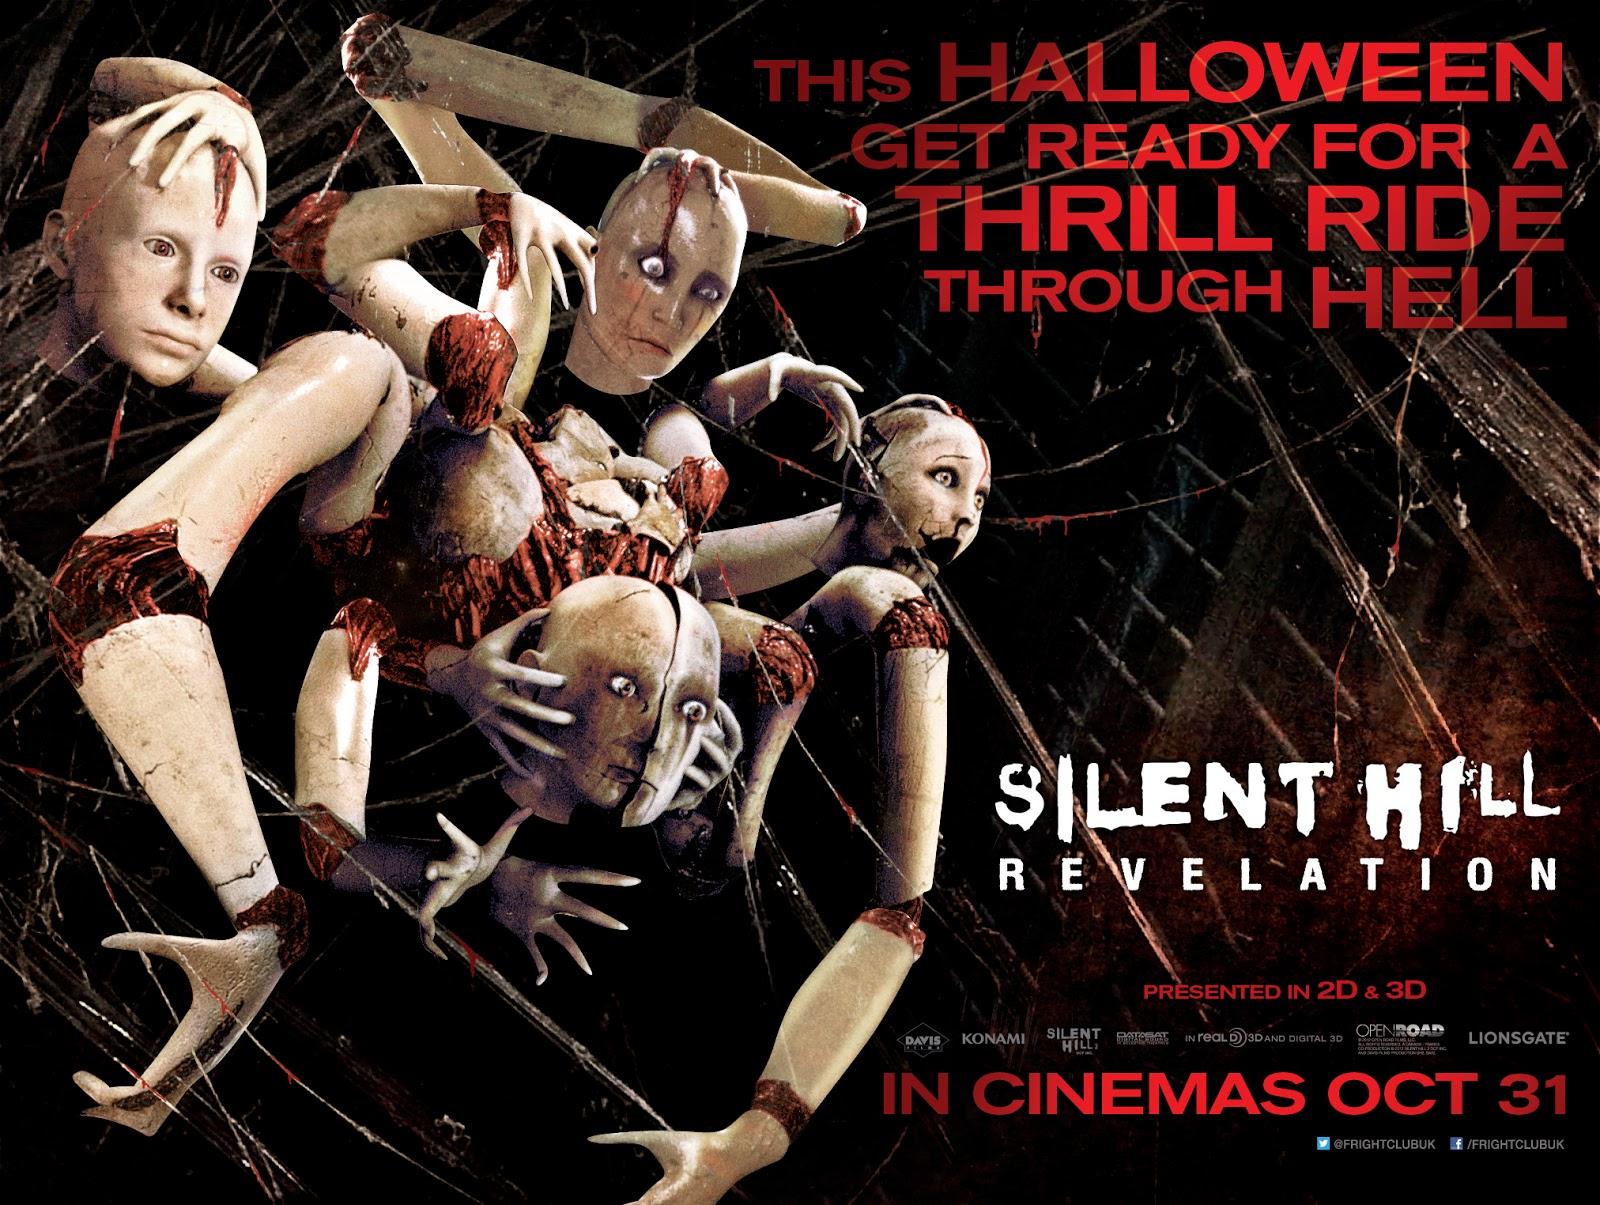 SILENT O 2 FILME REVELAO BAIXAR HILL